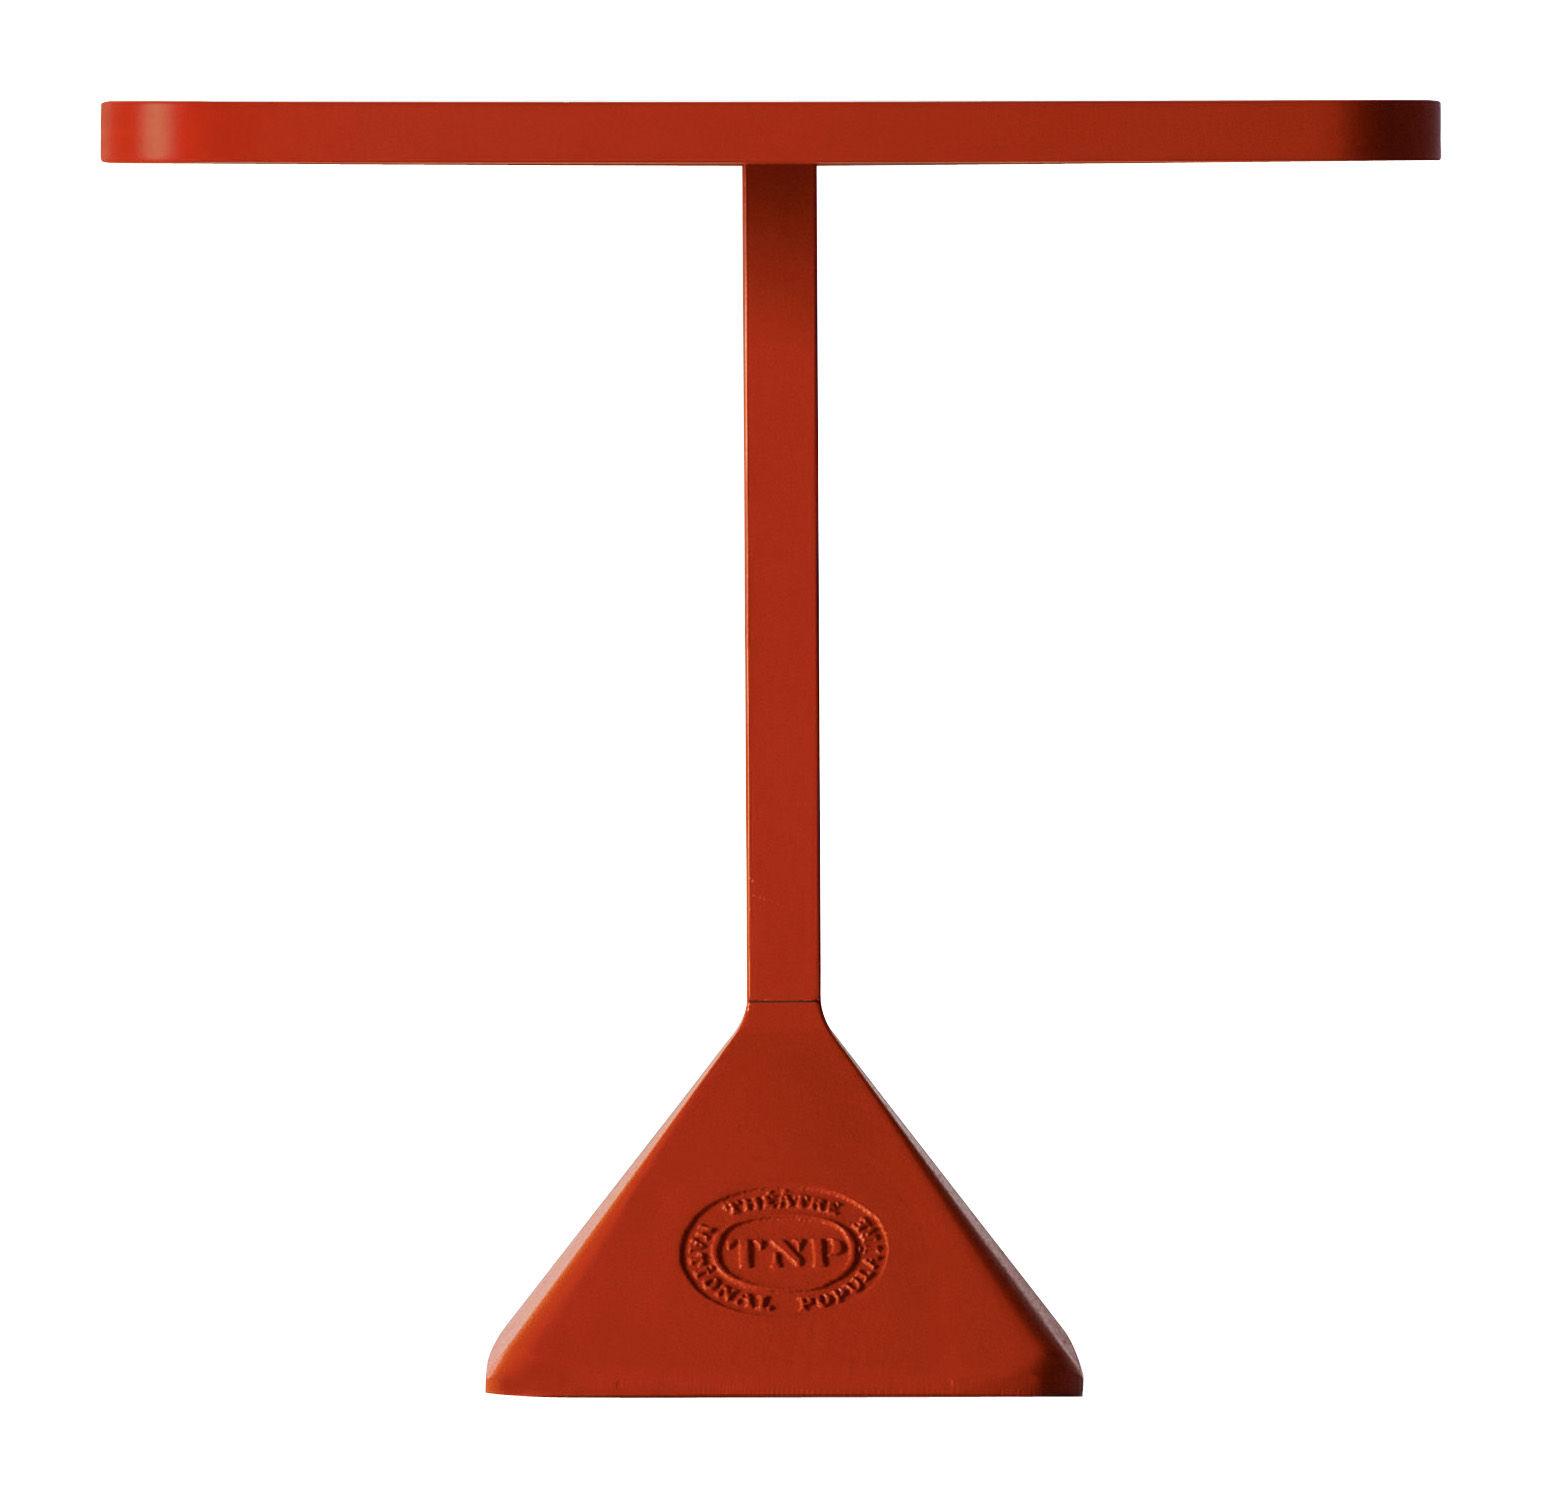 Outdoor - Tavoli  - Tavolo quadrato TNP - / 70 x 70 cm di Kristalia - 70 x 70 cm - Struttura rosso / Piano rosso - Acciaio laccato, Acciaio verniciato, Ghisa